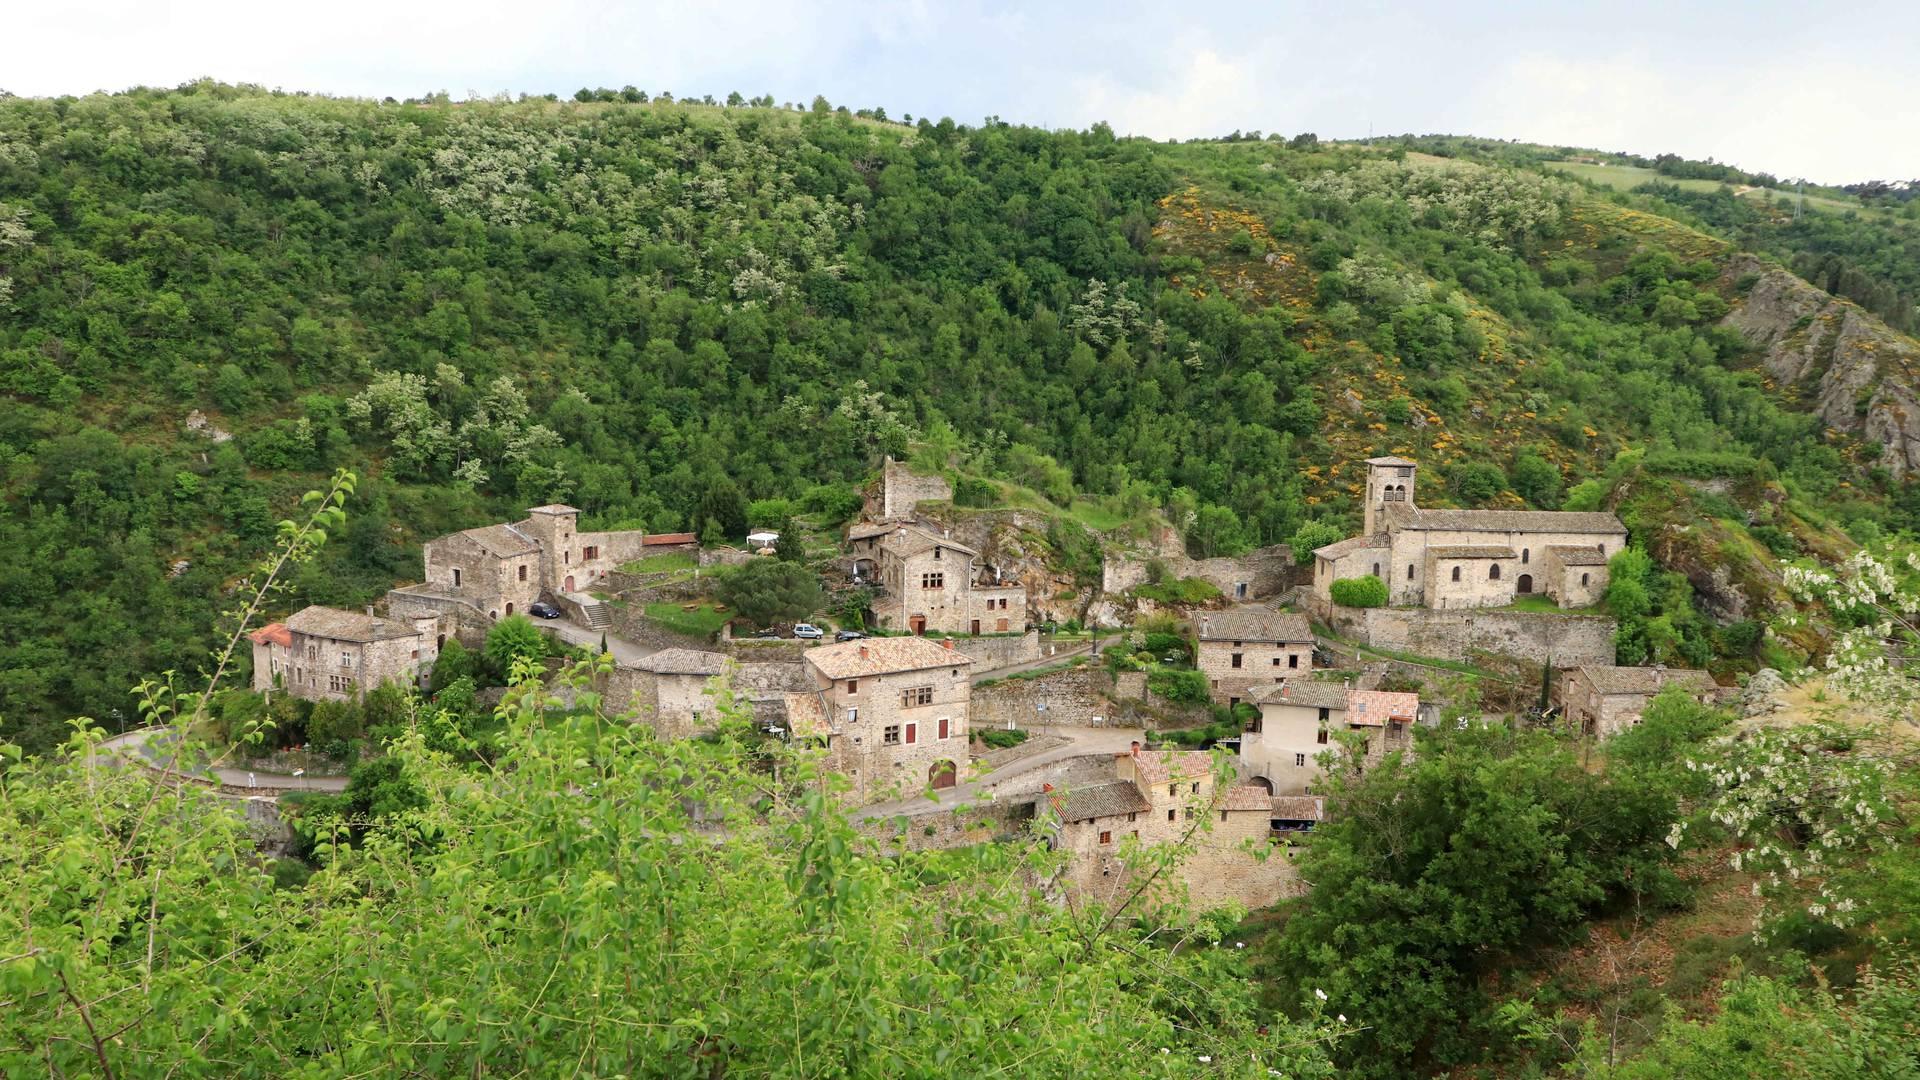 Vue sur le village médiéval de Malleval